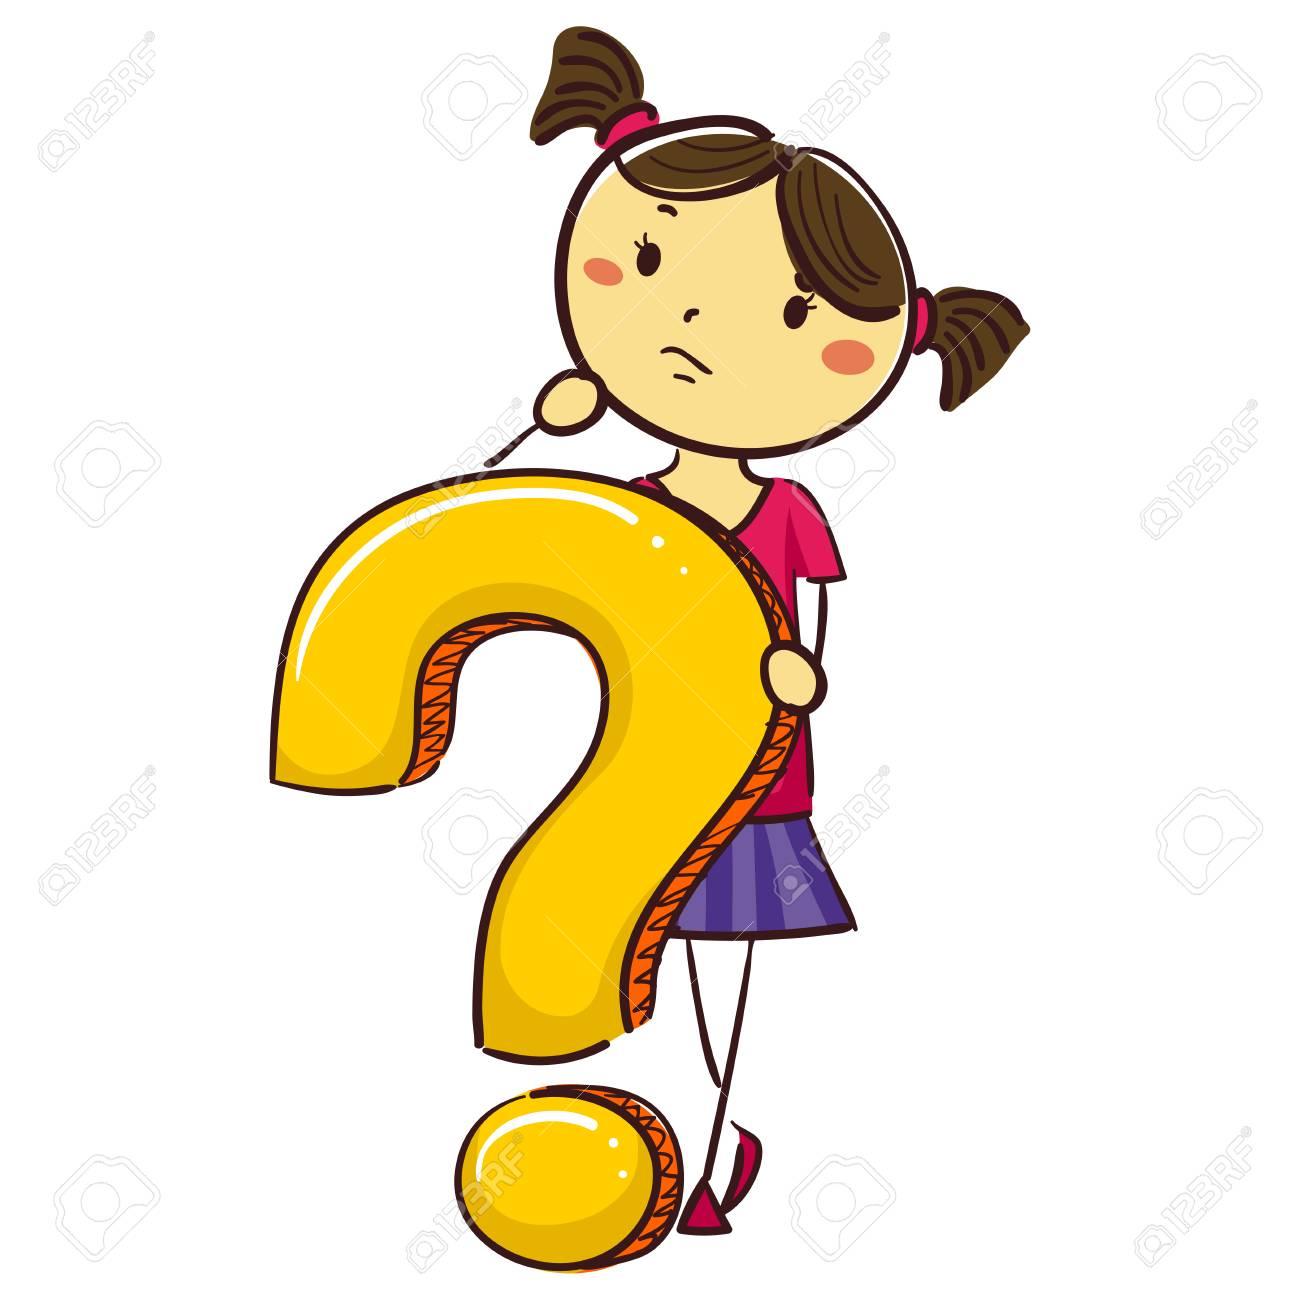 Boy question marks clipart clipart transparent stock Free Question Mark Clipart boy question, Download Free Clip Art on ... clipart transparent stock